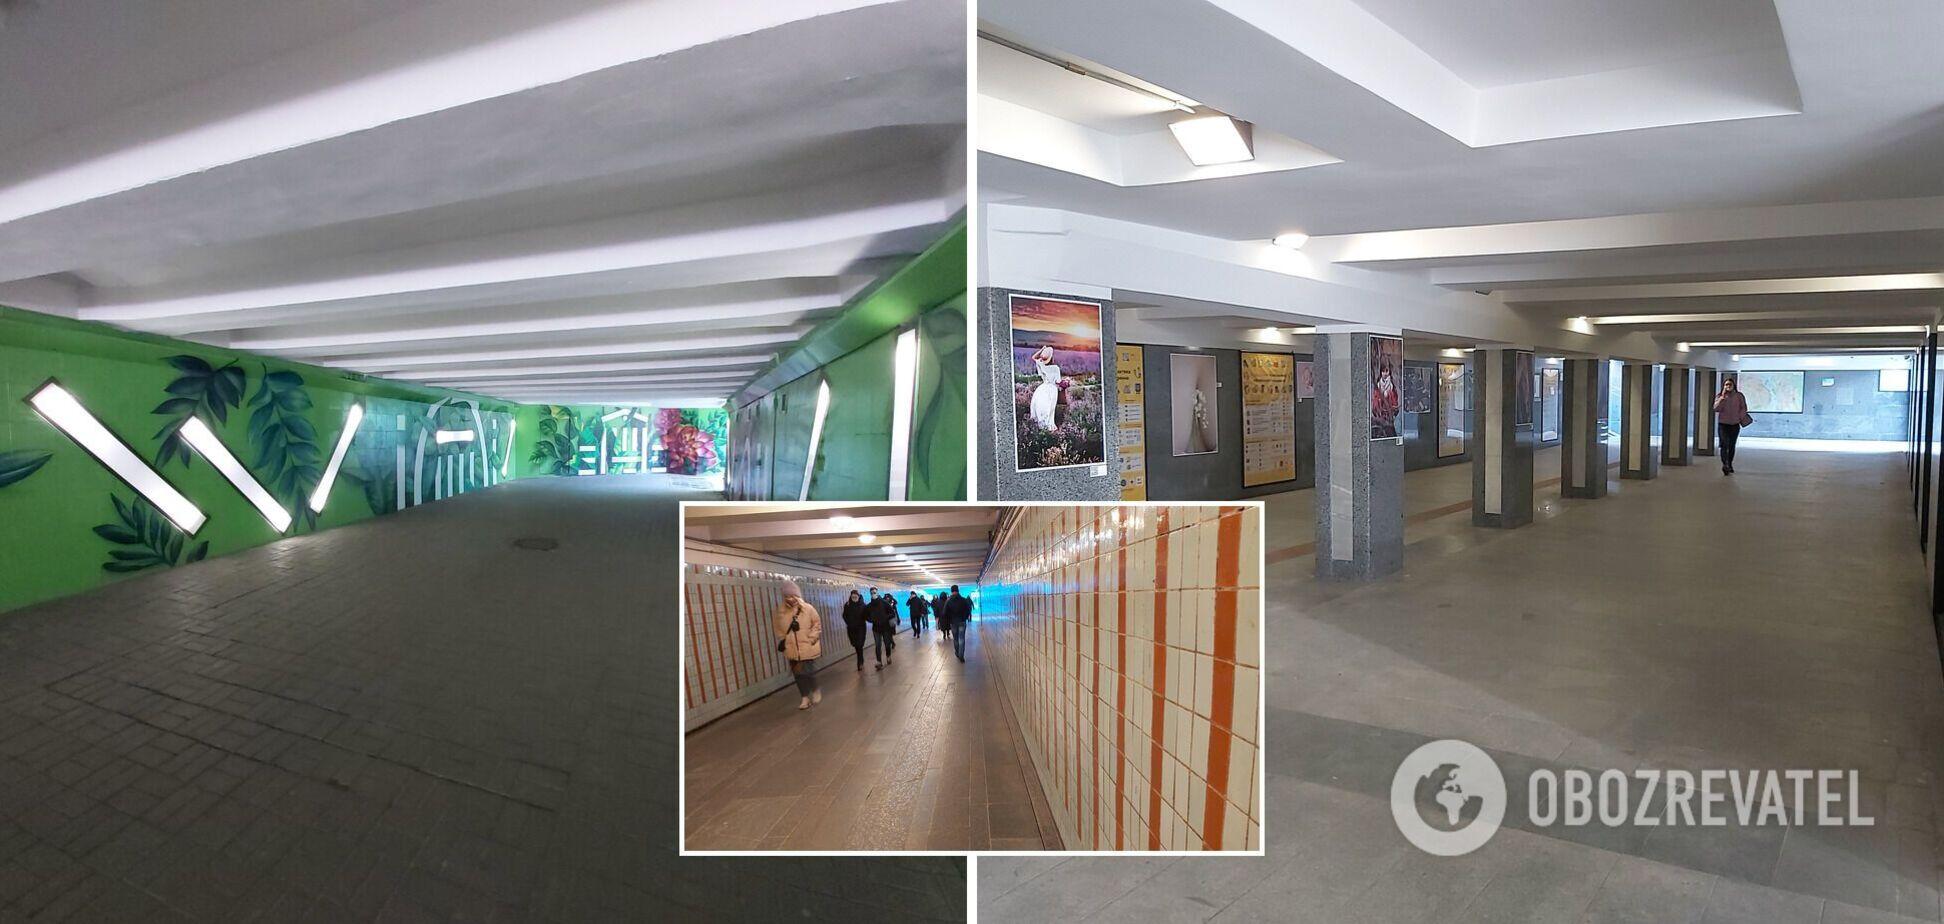 Ремонти, боротьба з МАФами і чистота: рейд підземними переходами Києва. Відео